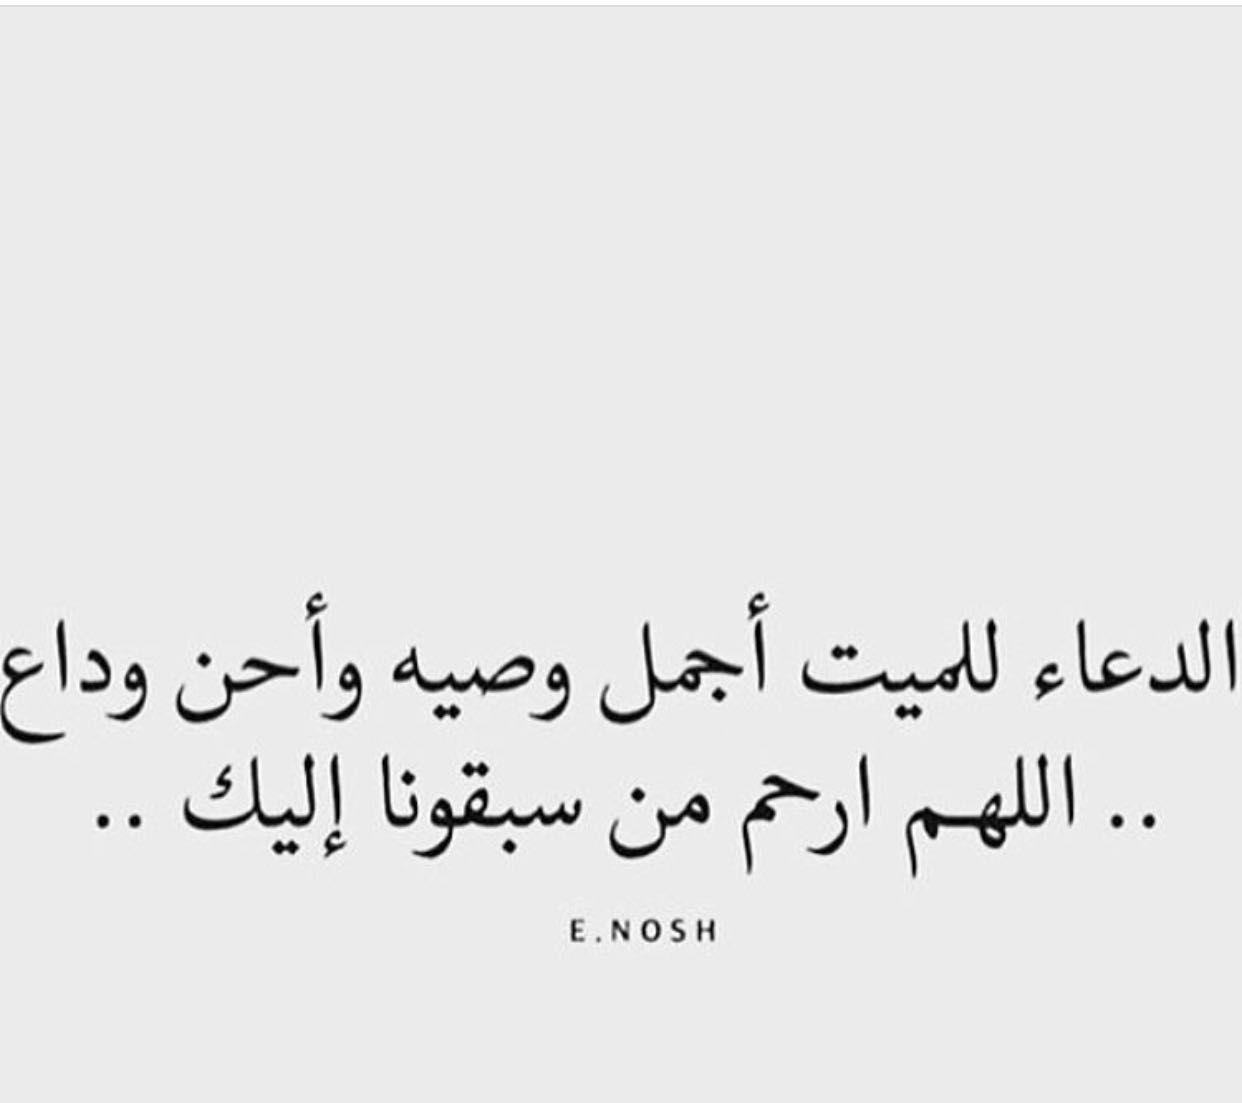 اللهم ارجم موتانا وموتى المسلمين جميعا Quran Quotes Islamic Quotes Funny Quotes